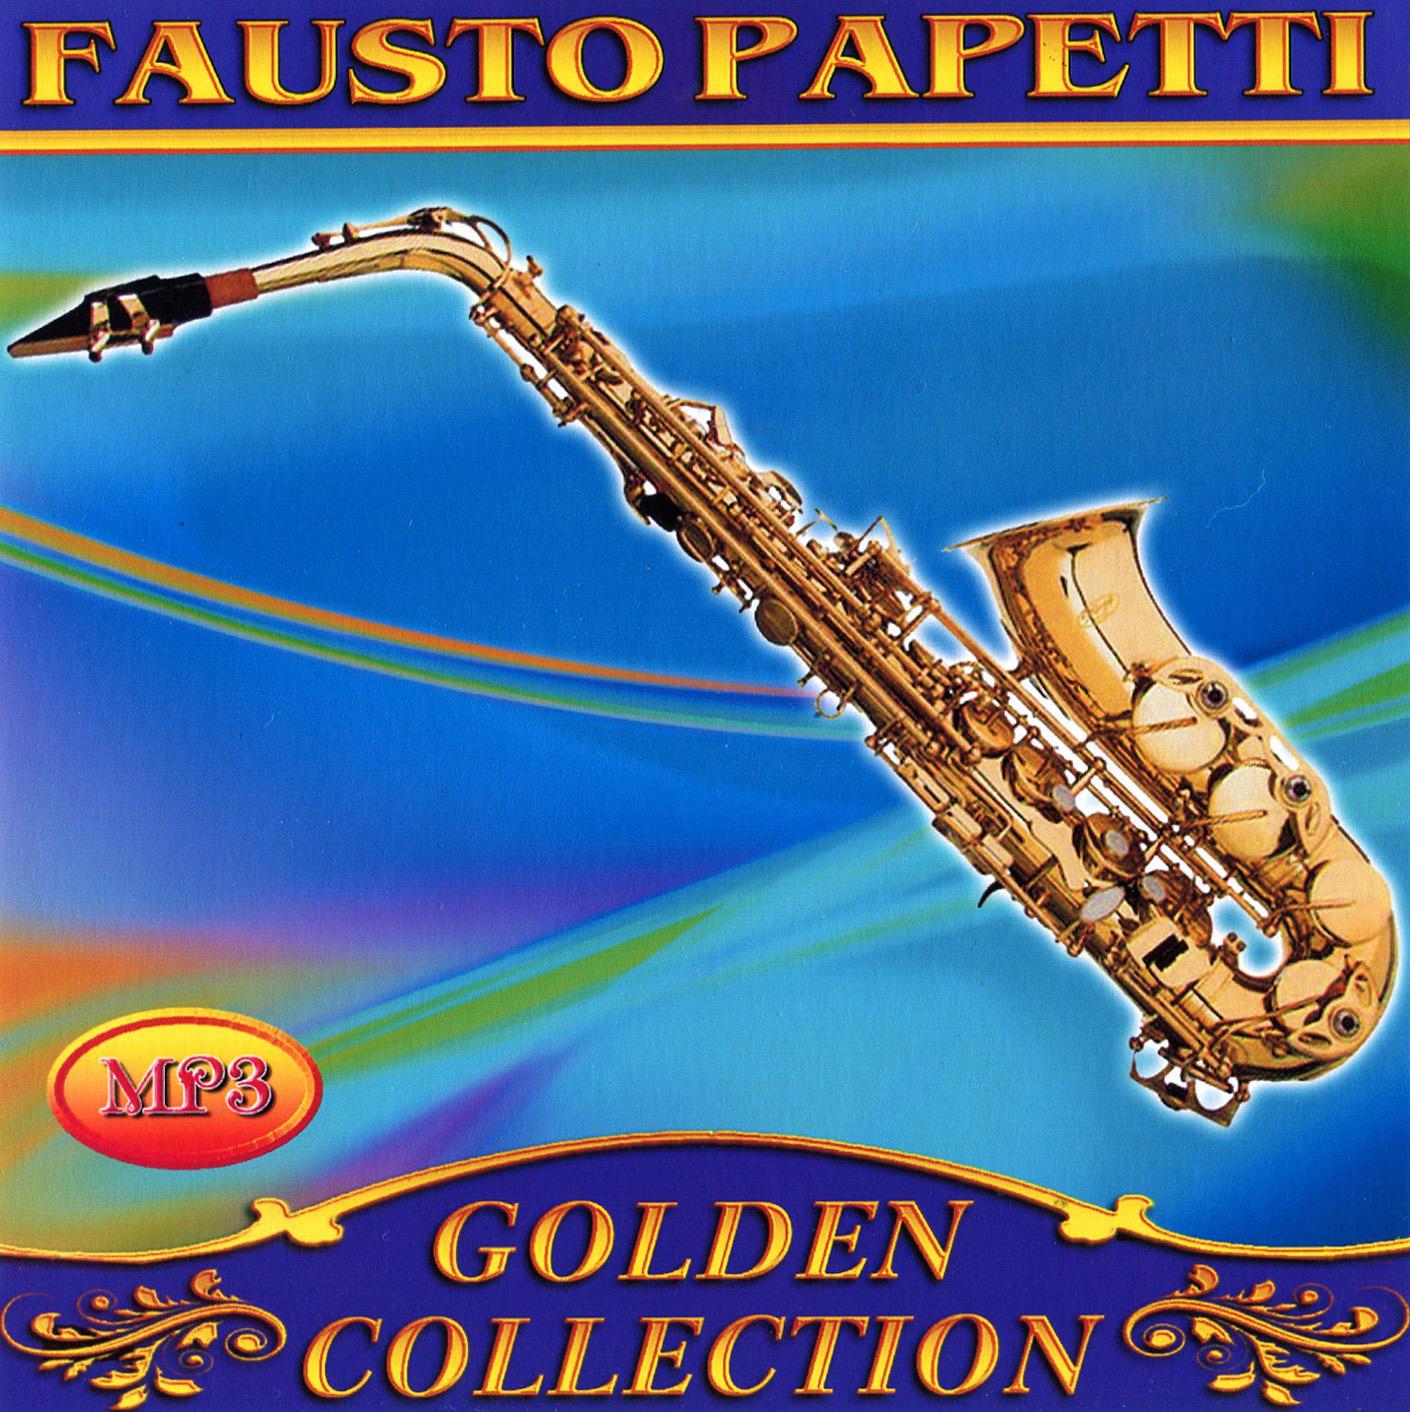 Fausto Papetti [mp3]